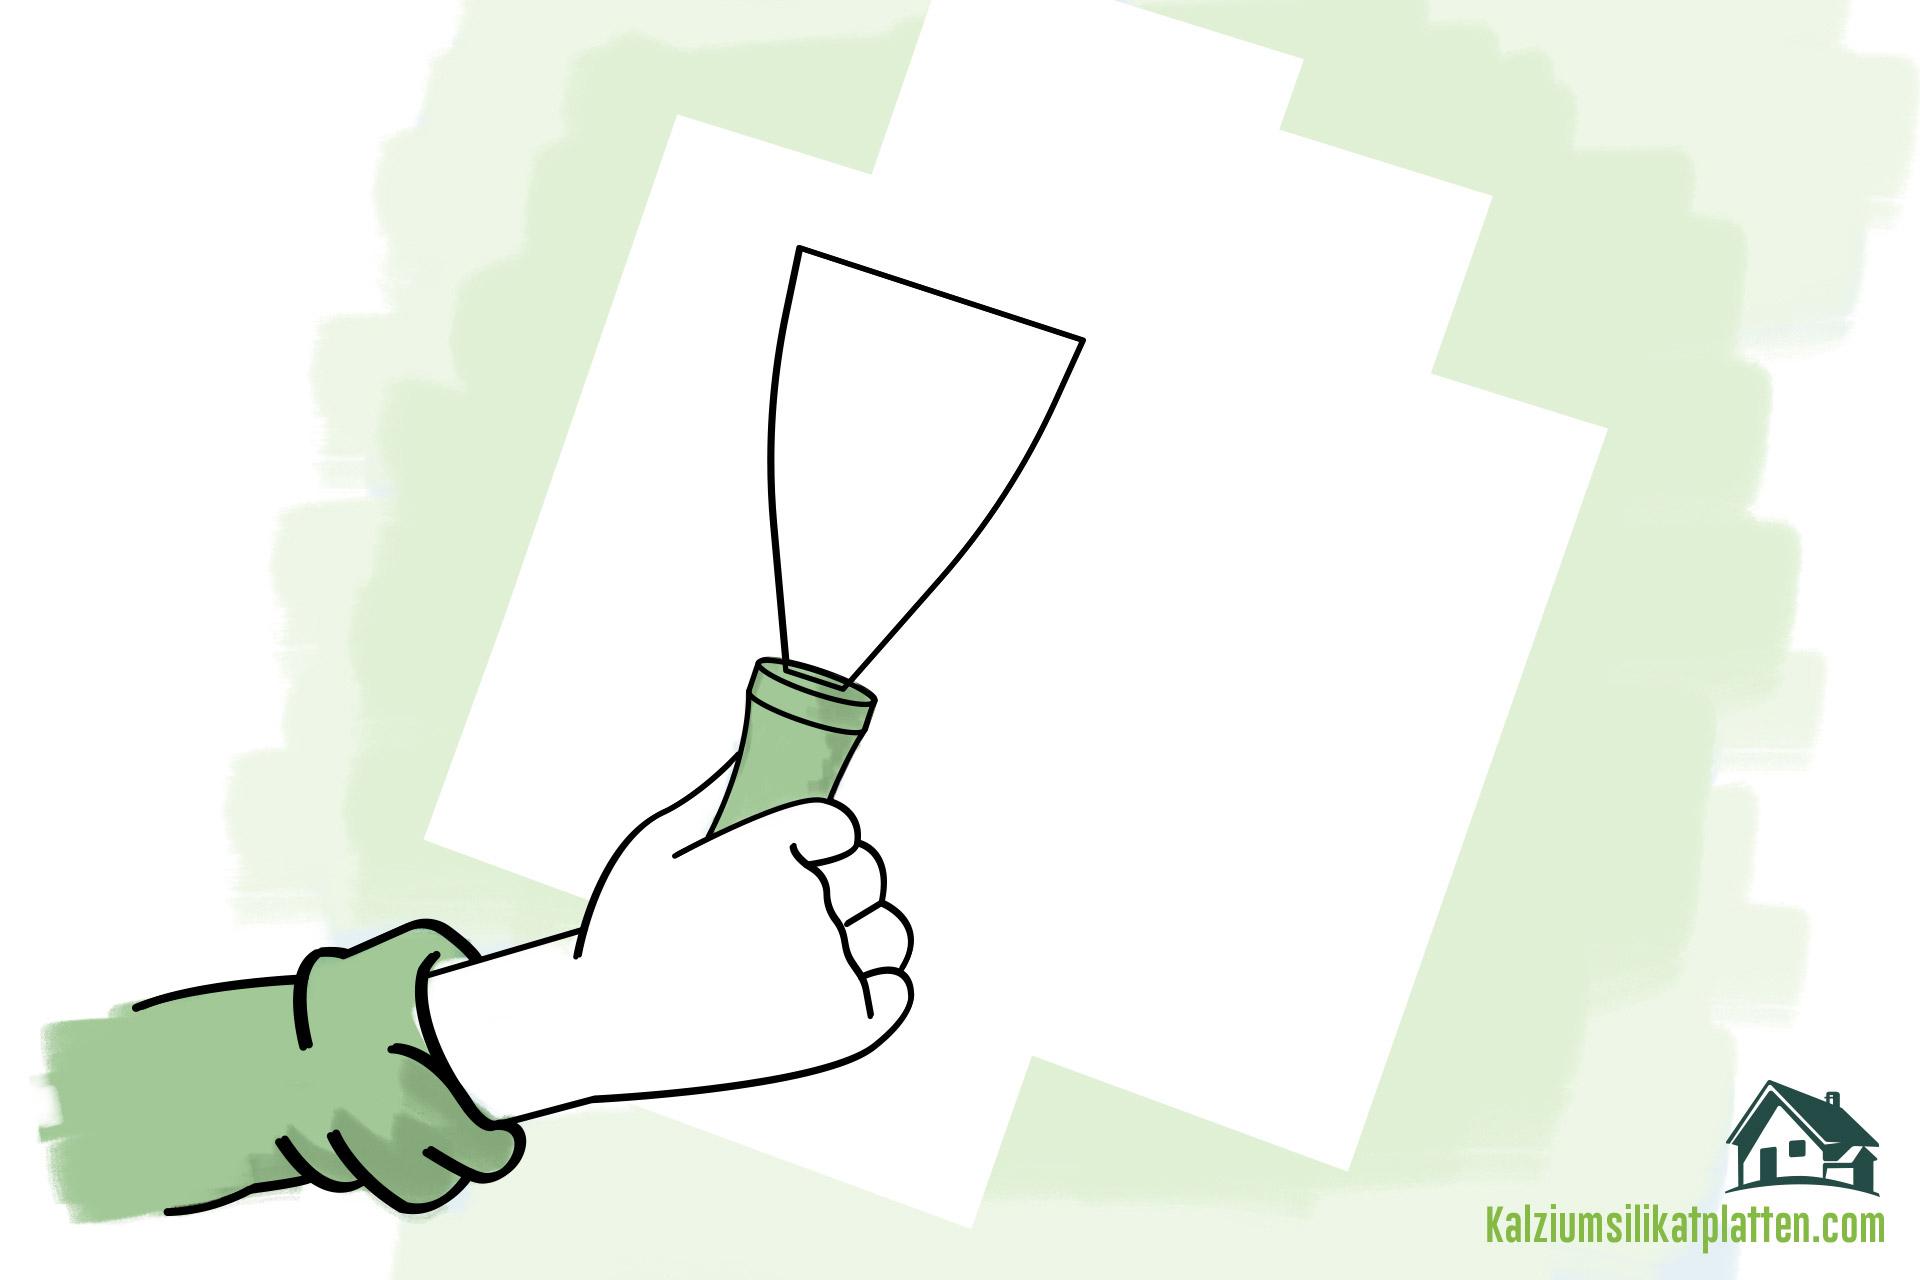 Anleitung zur Verarbeitung von Kalziumsilikatplatten: Wand reinigen und vorbereiten